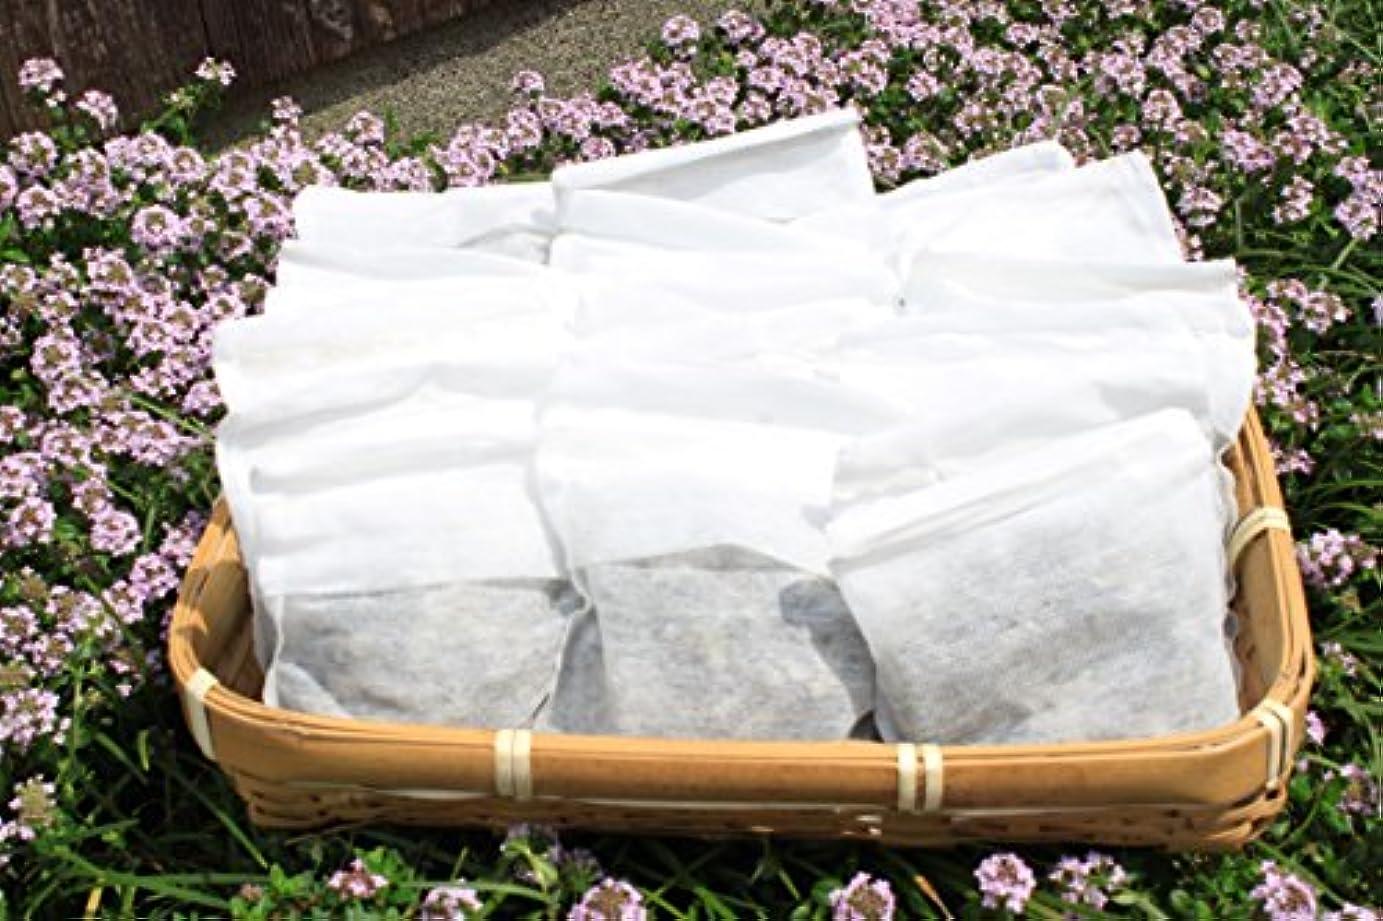 探検怒り弱める薬草パック よもぎ&ラベンダー&ヒマラヤローズソルト 800g(40g×20P)お風呂用